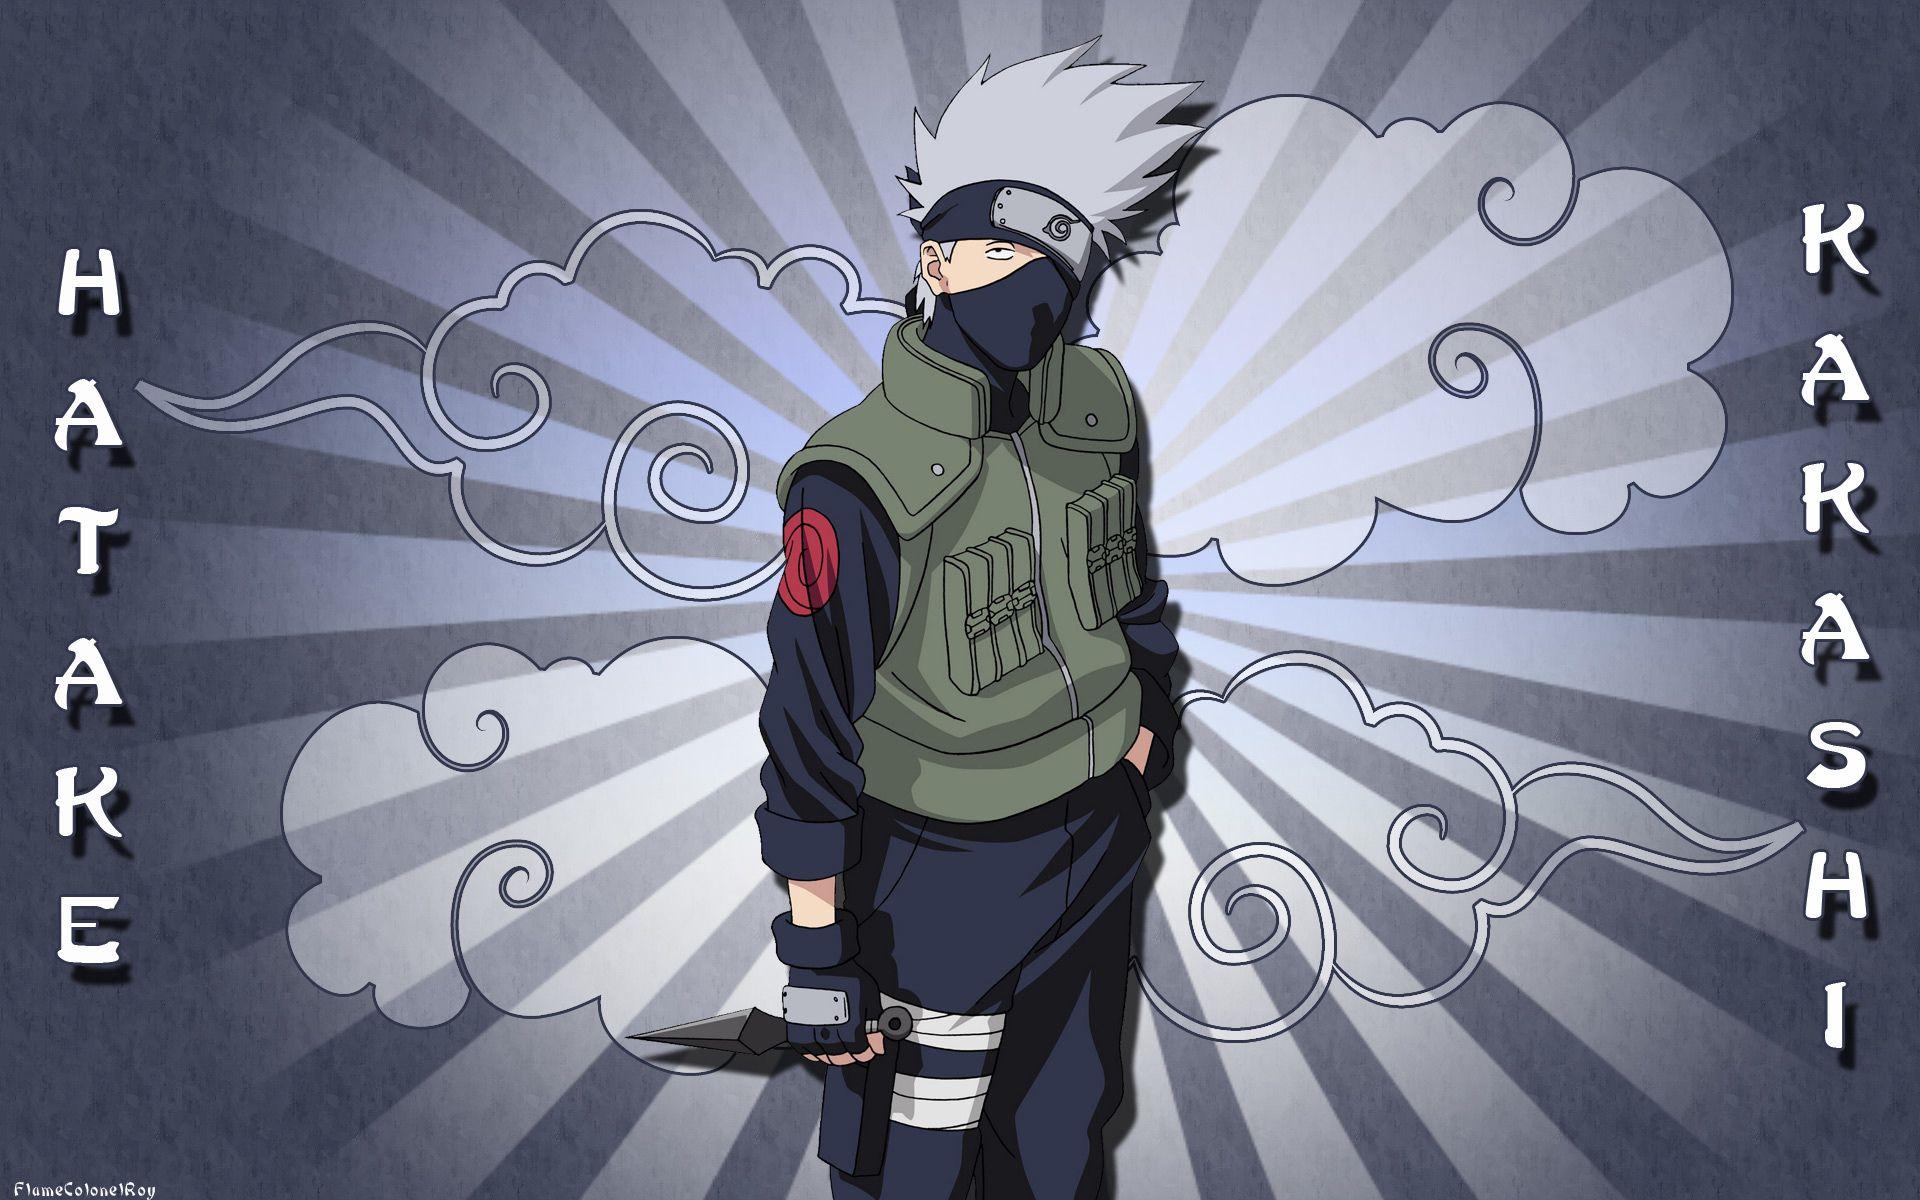 Kakashi sakura sasuke naruto wallpaper forwallpaper com html code - Anime Naruto Kakashi Hatake Tapeta